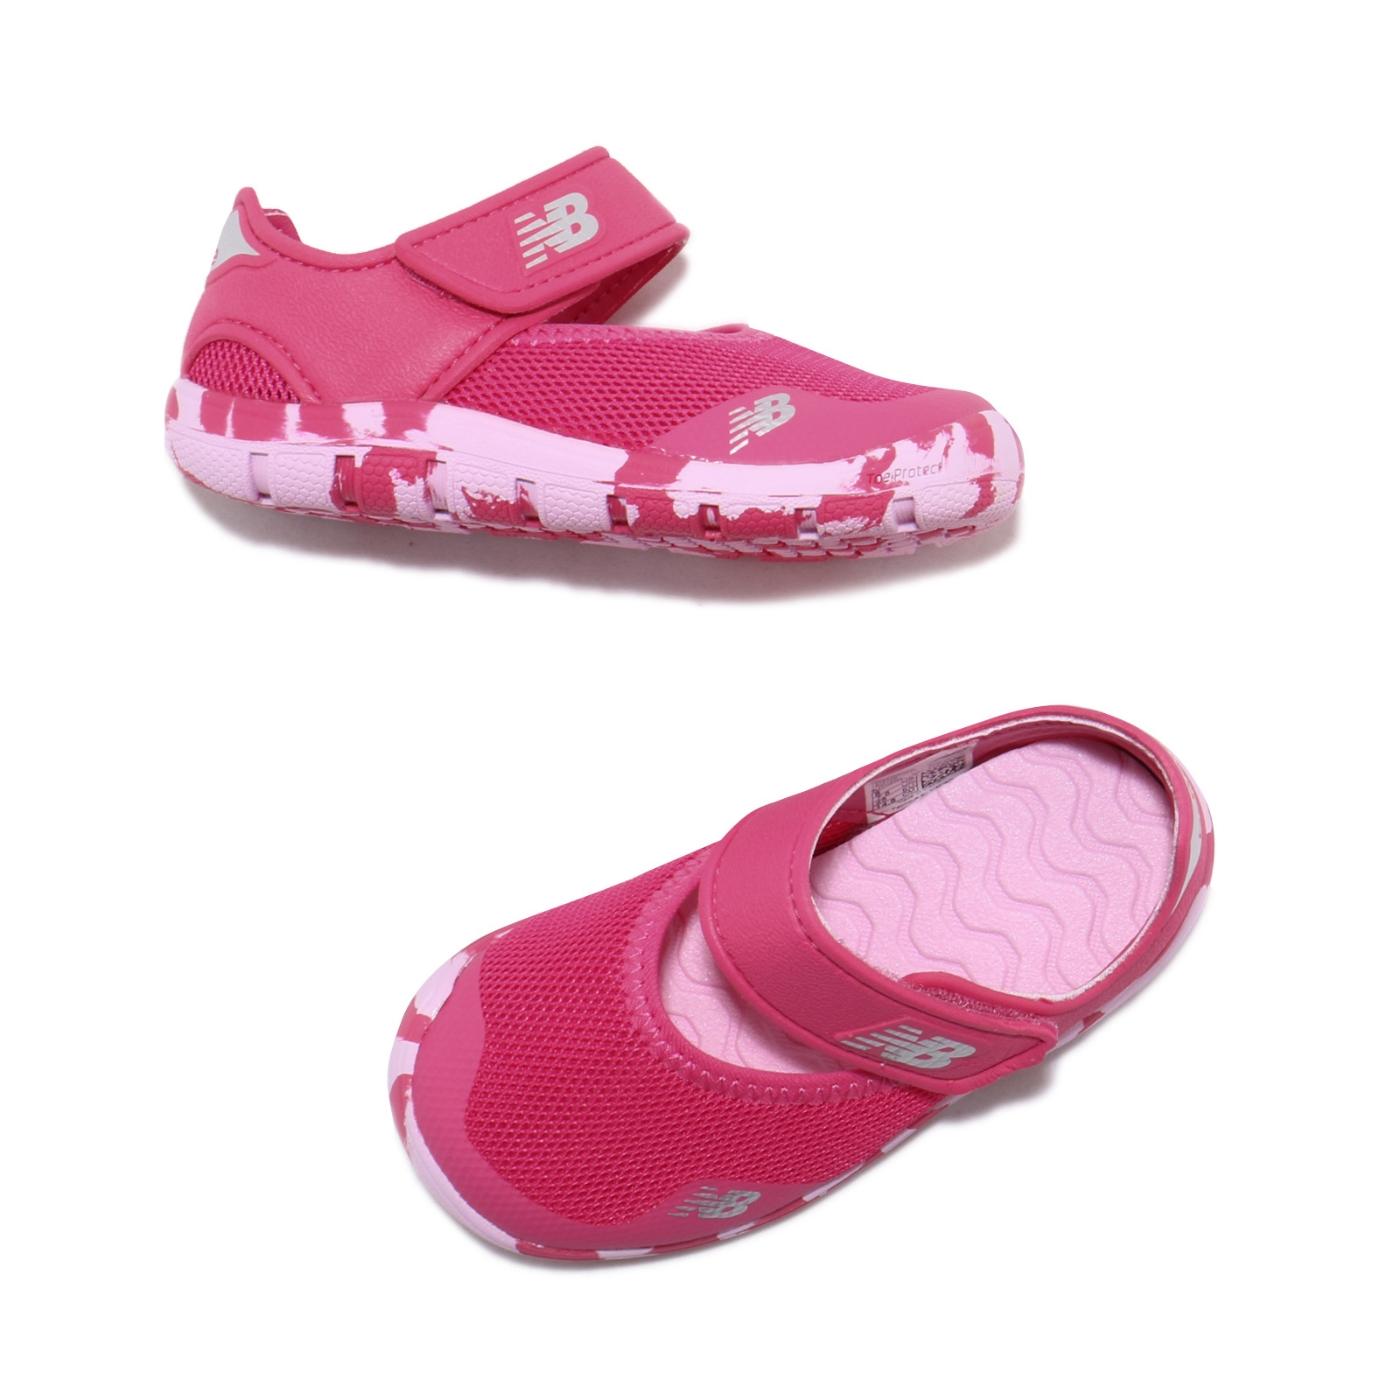 New Balance 涼拖鞋 W 寬楦 童鞋